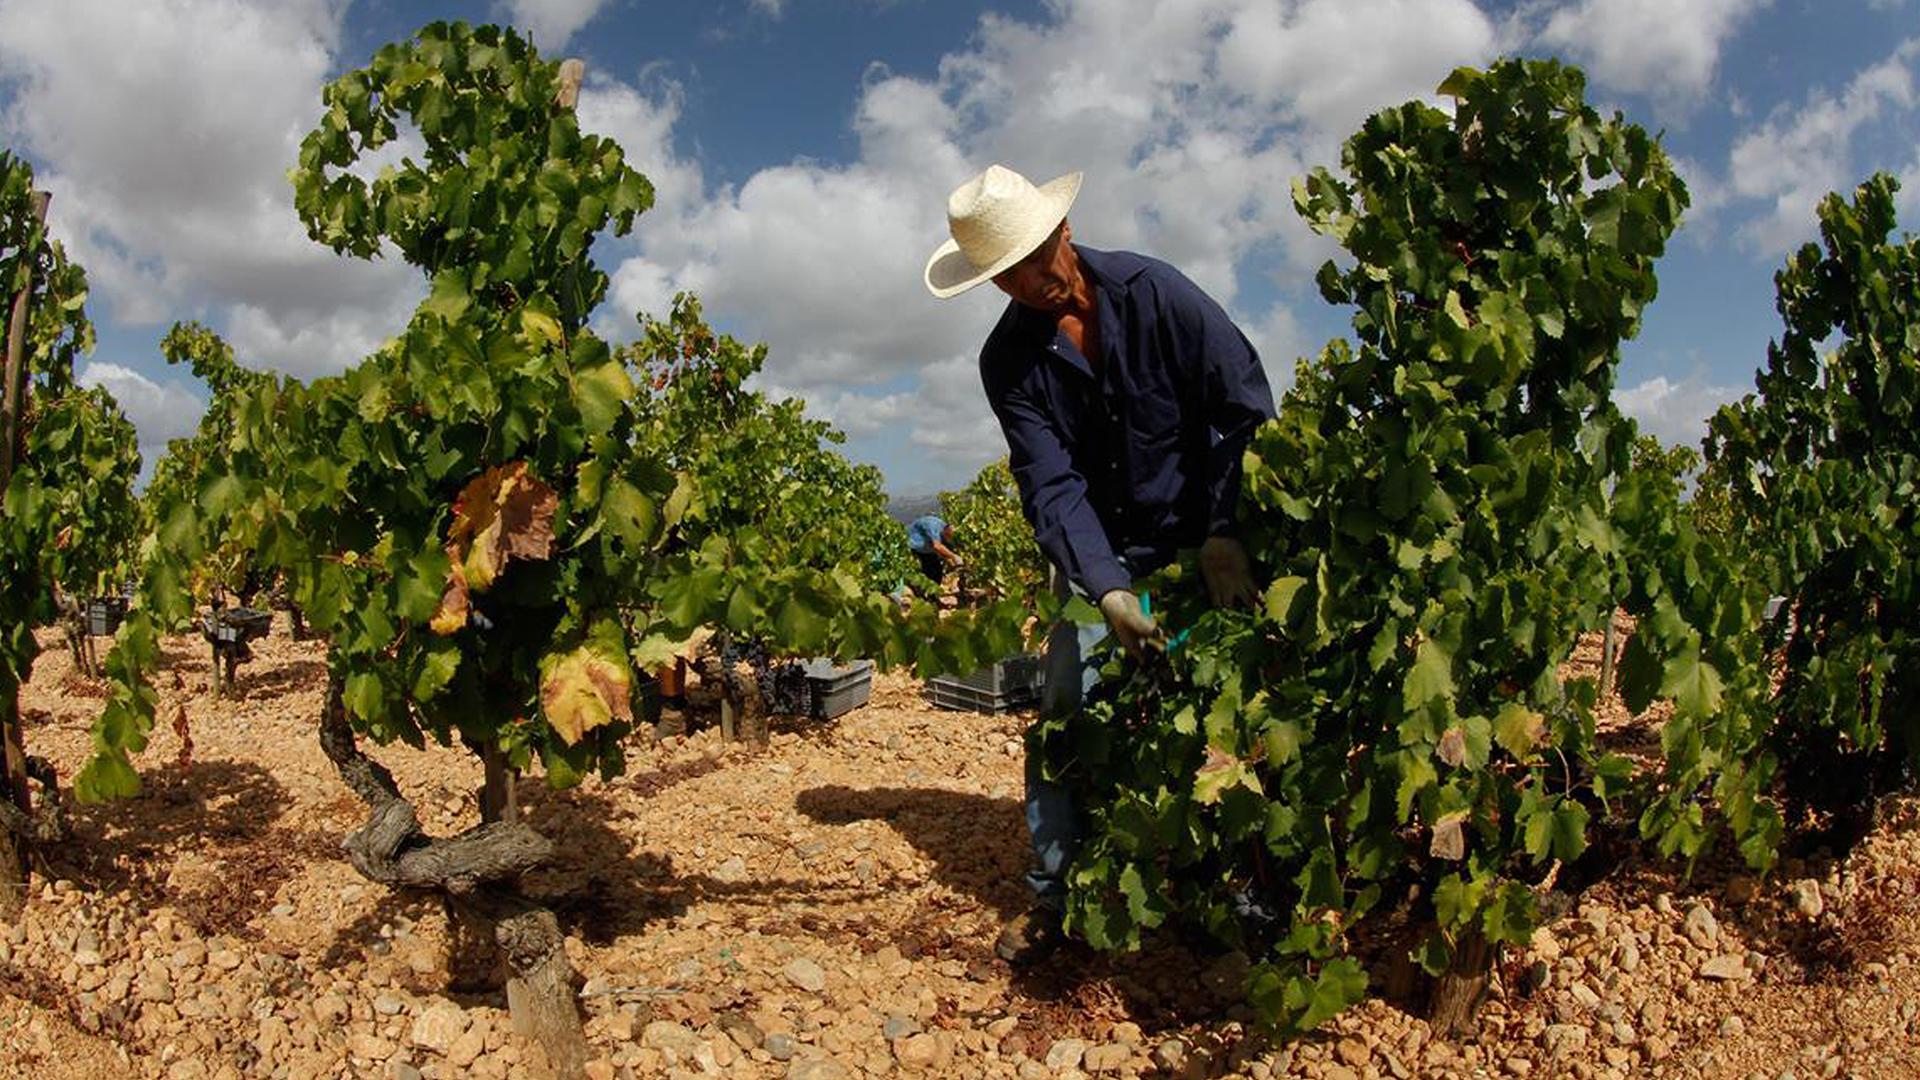 Bodegas Ribas vineyard mallorca 1